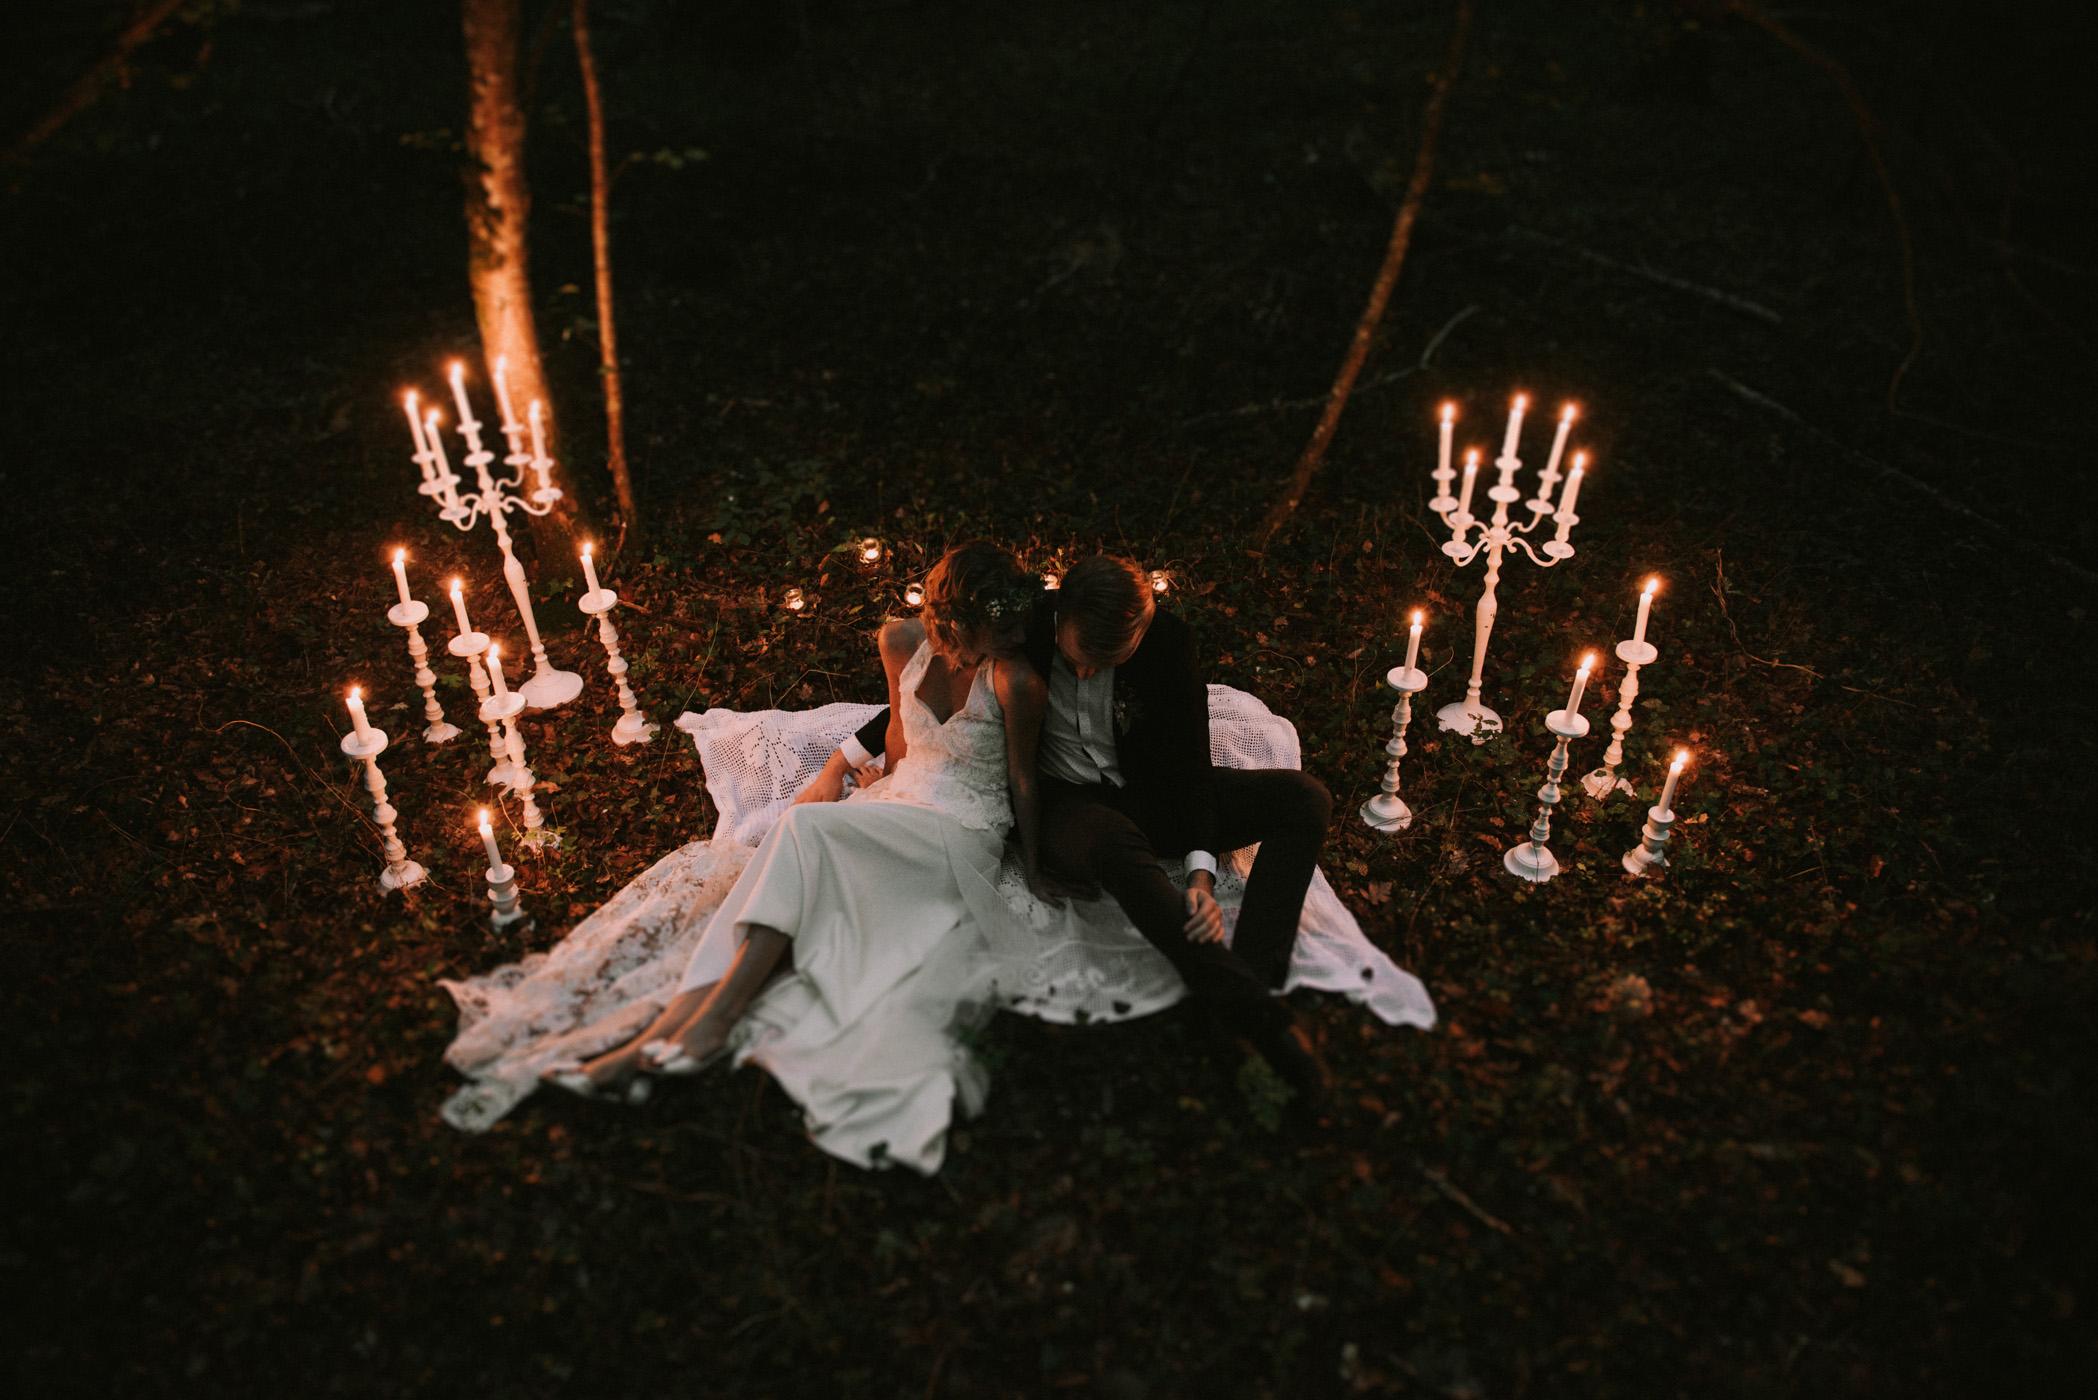 sun-drops-down-shooting-dinspiration-automnal-sous-les-bois-en-dordogne-blog-mariage-la-mariee-sous-les-etoiles-photo-mira-al-pajarito-39